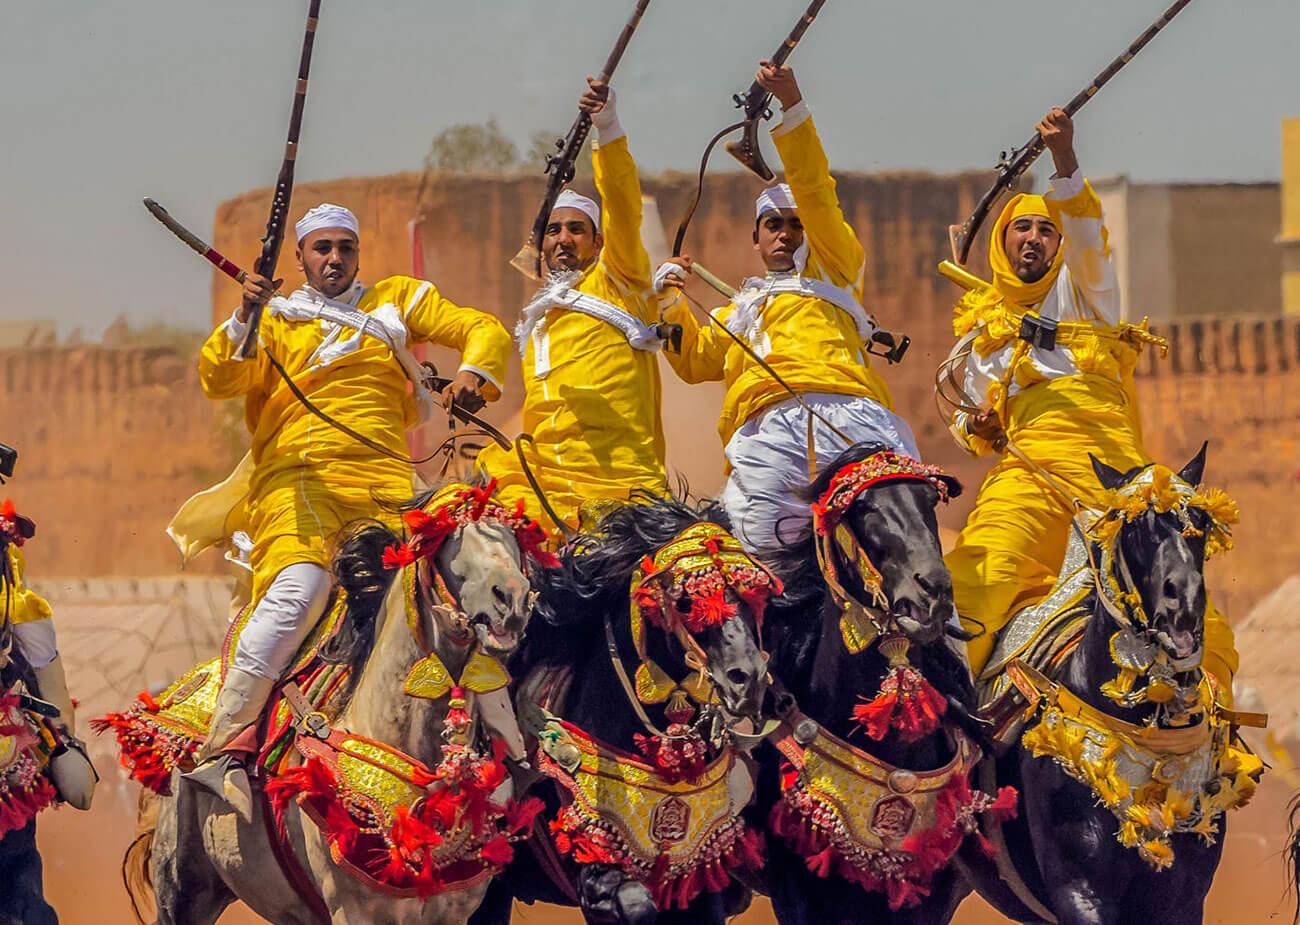 Les chevaux et la fantasia au Maroc 7